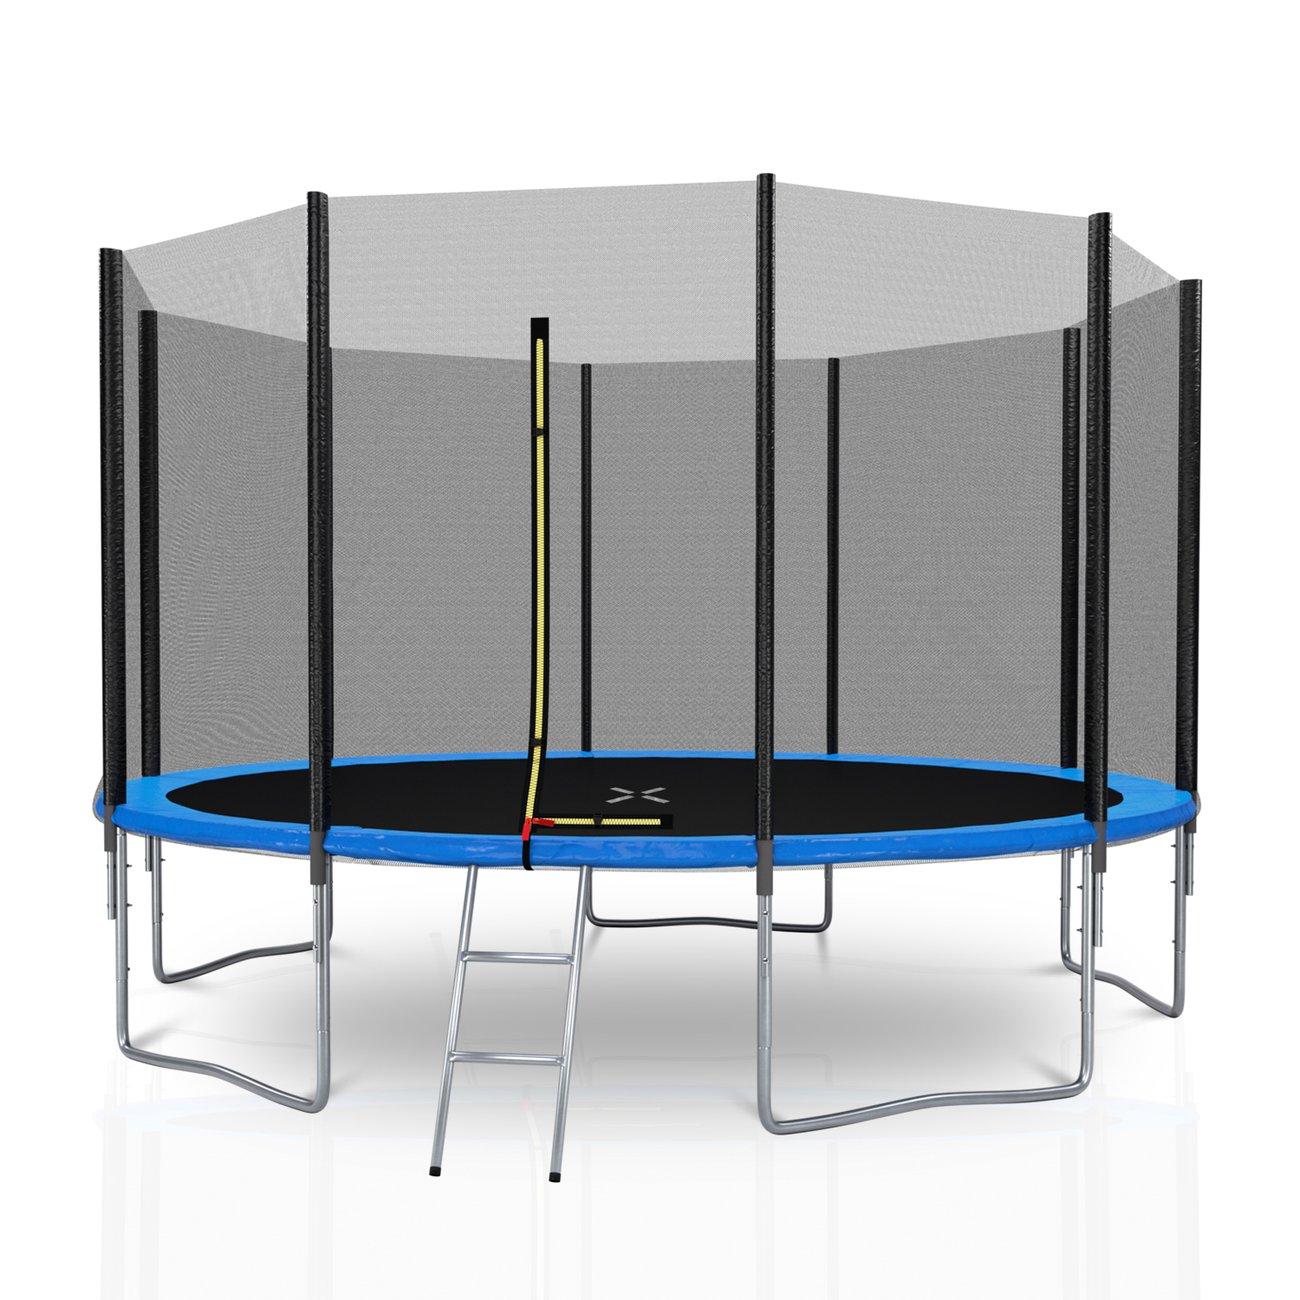 trampoline de jardin diametre 12ft 366 cm avec filet exterieur 10 perches couleur au choix bleu 1 v4